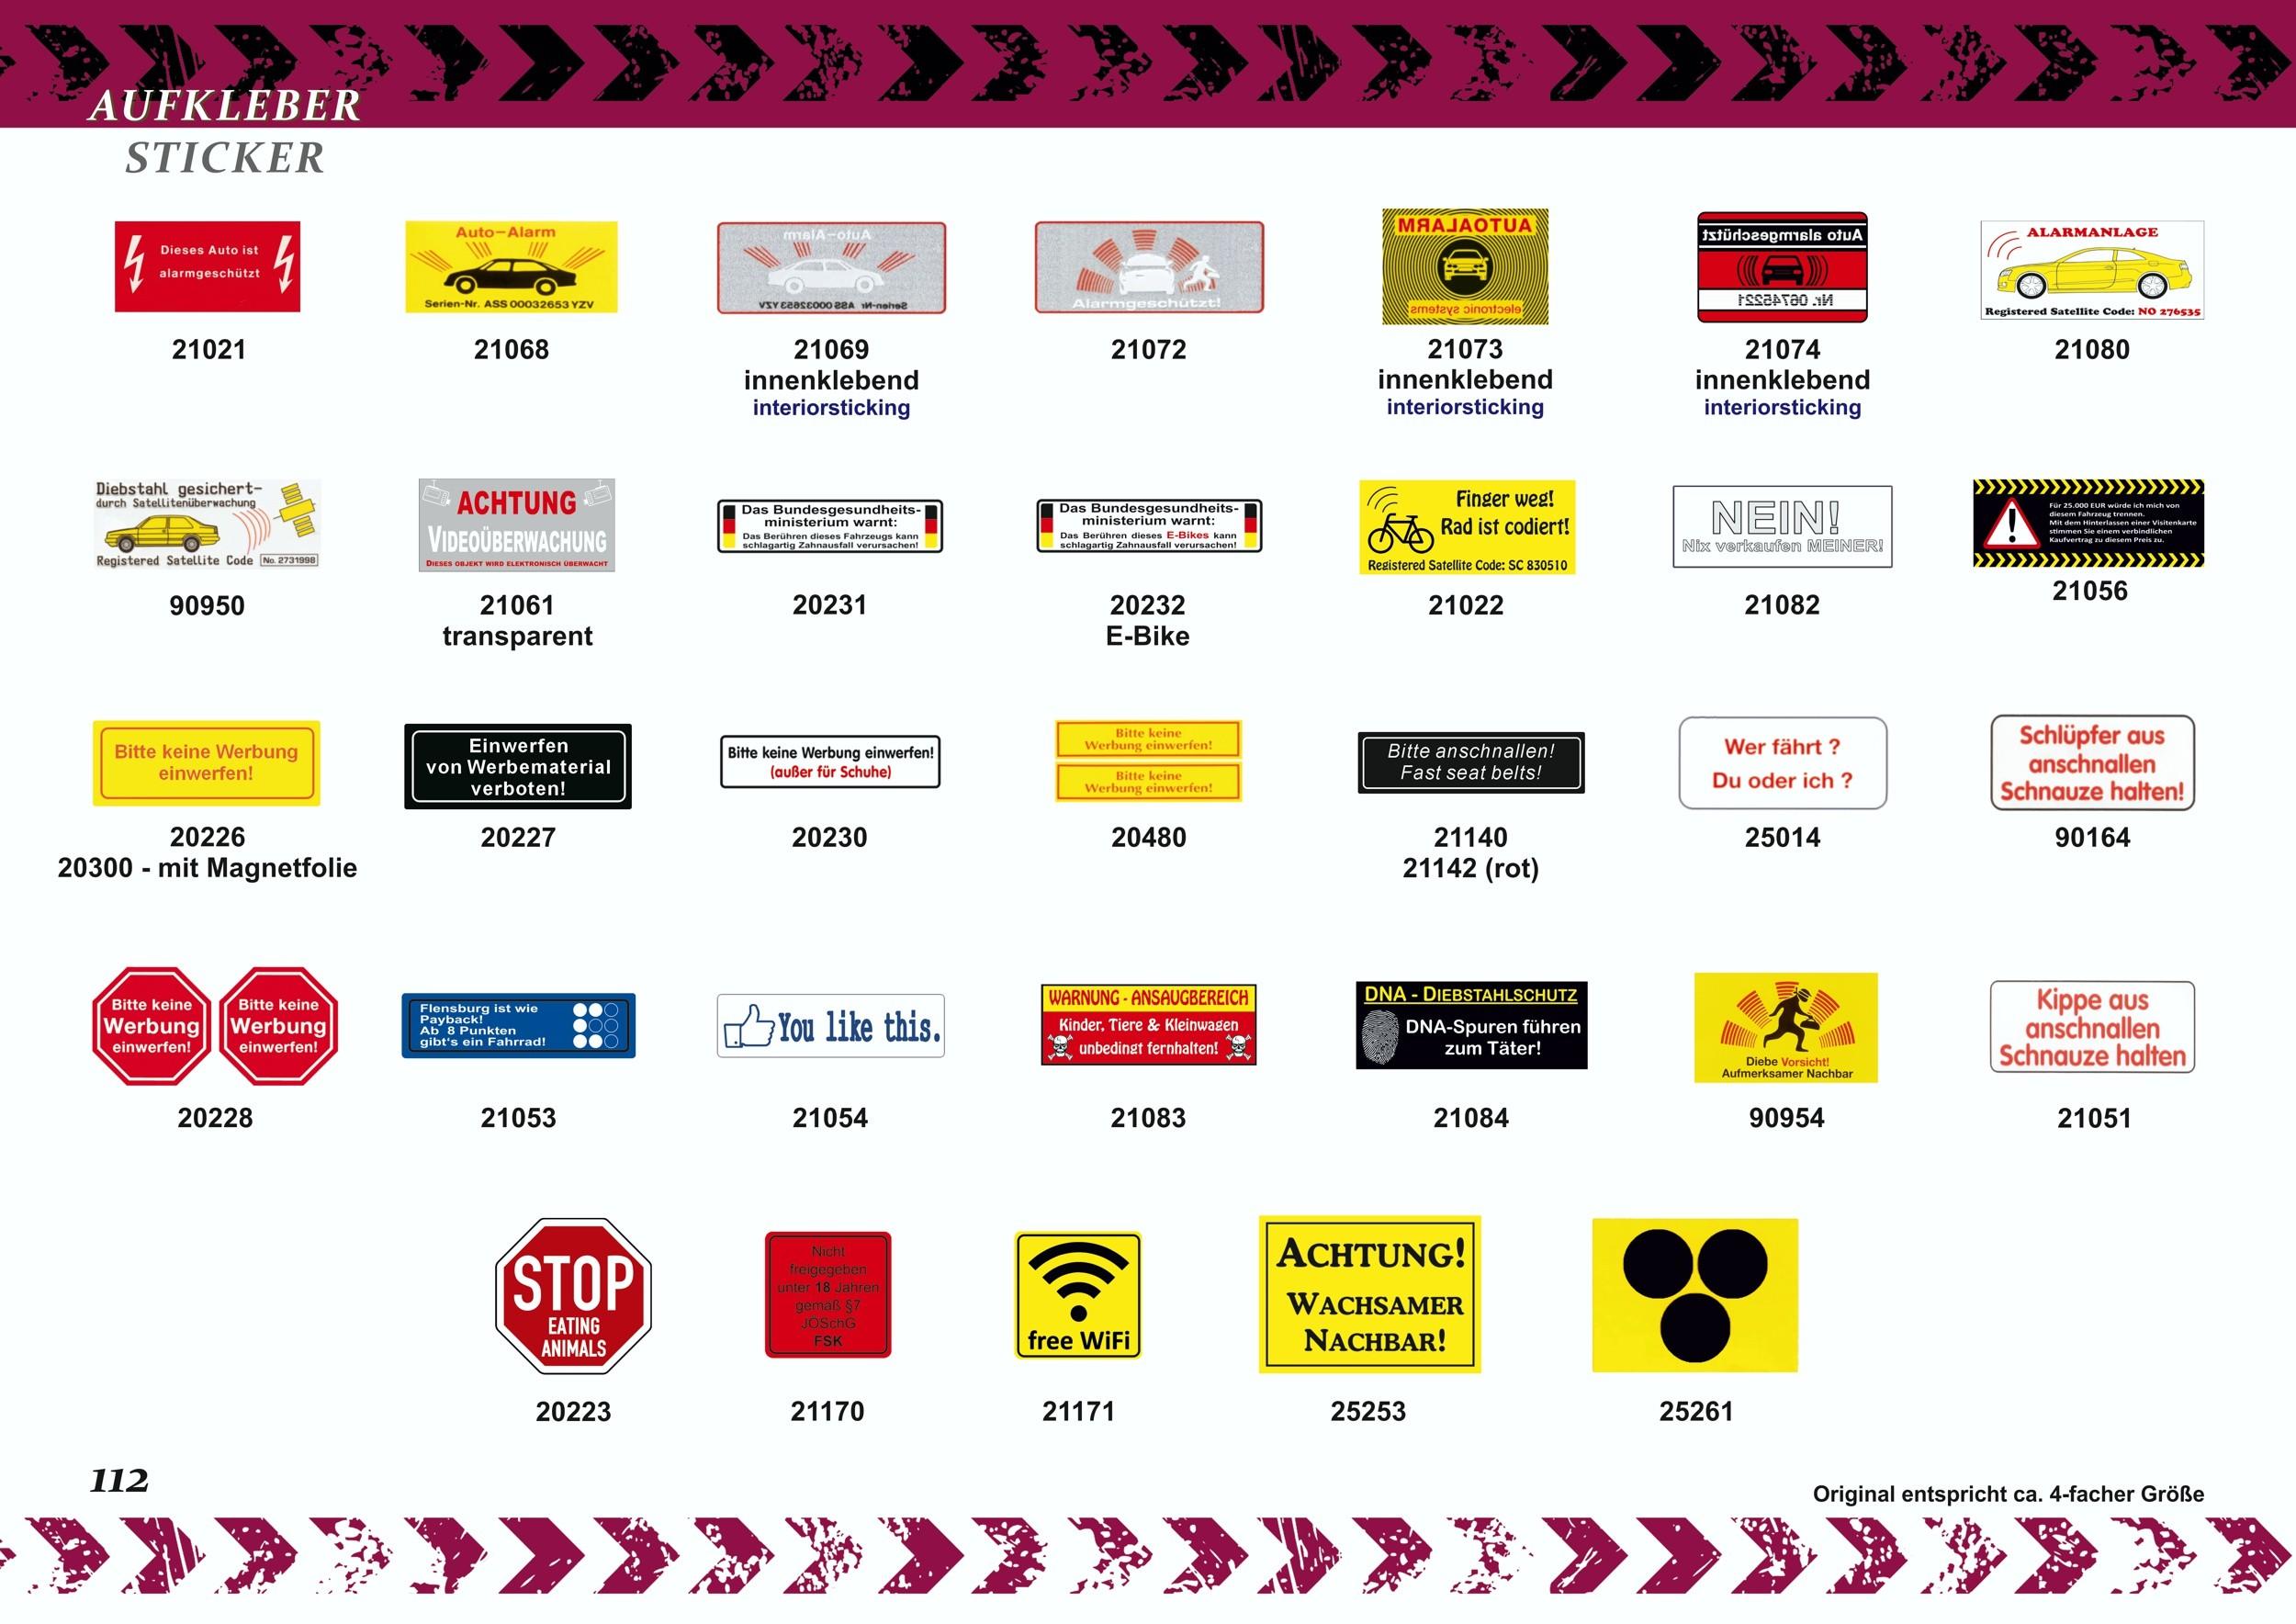 Autocollant Reserviert für Nichtraucher blanc 150 x 40 mm – Bild 3